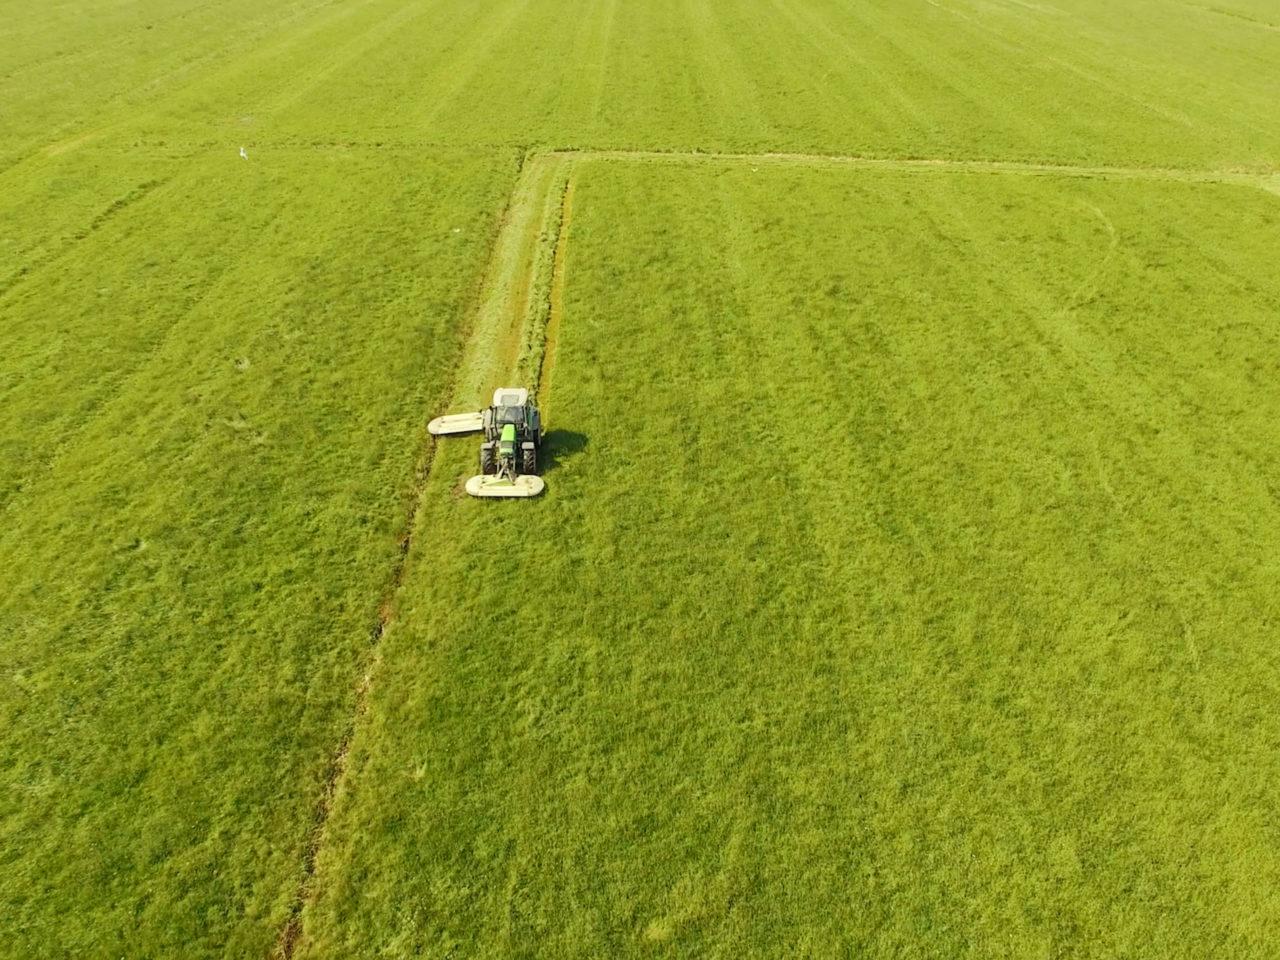 Luftbild Traktor von Speers Hoff fährt auf Grünflächen zur Futterversorgung von Kleintieren und Nagern